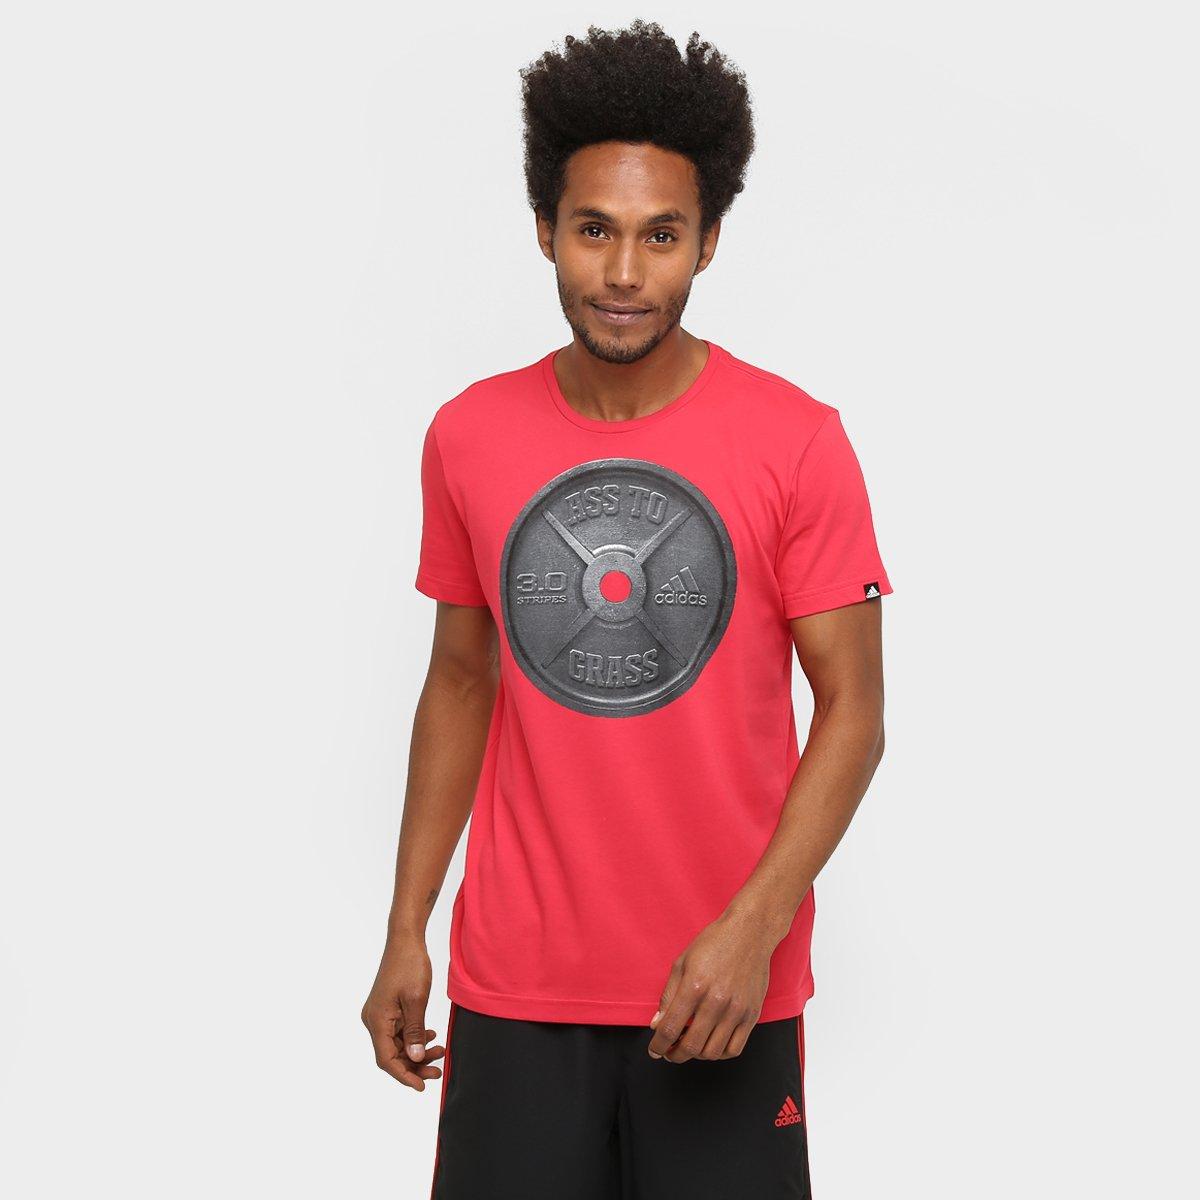 c249ace68b Camiseta Adidas Ass To Grass Masculina - Vermelho - Compre Agora ...